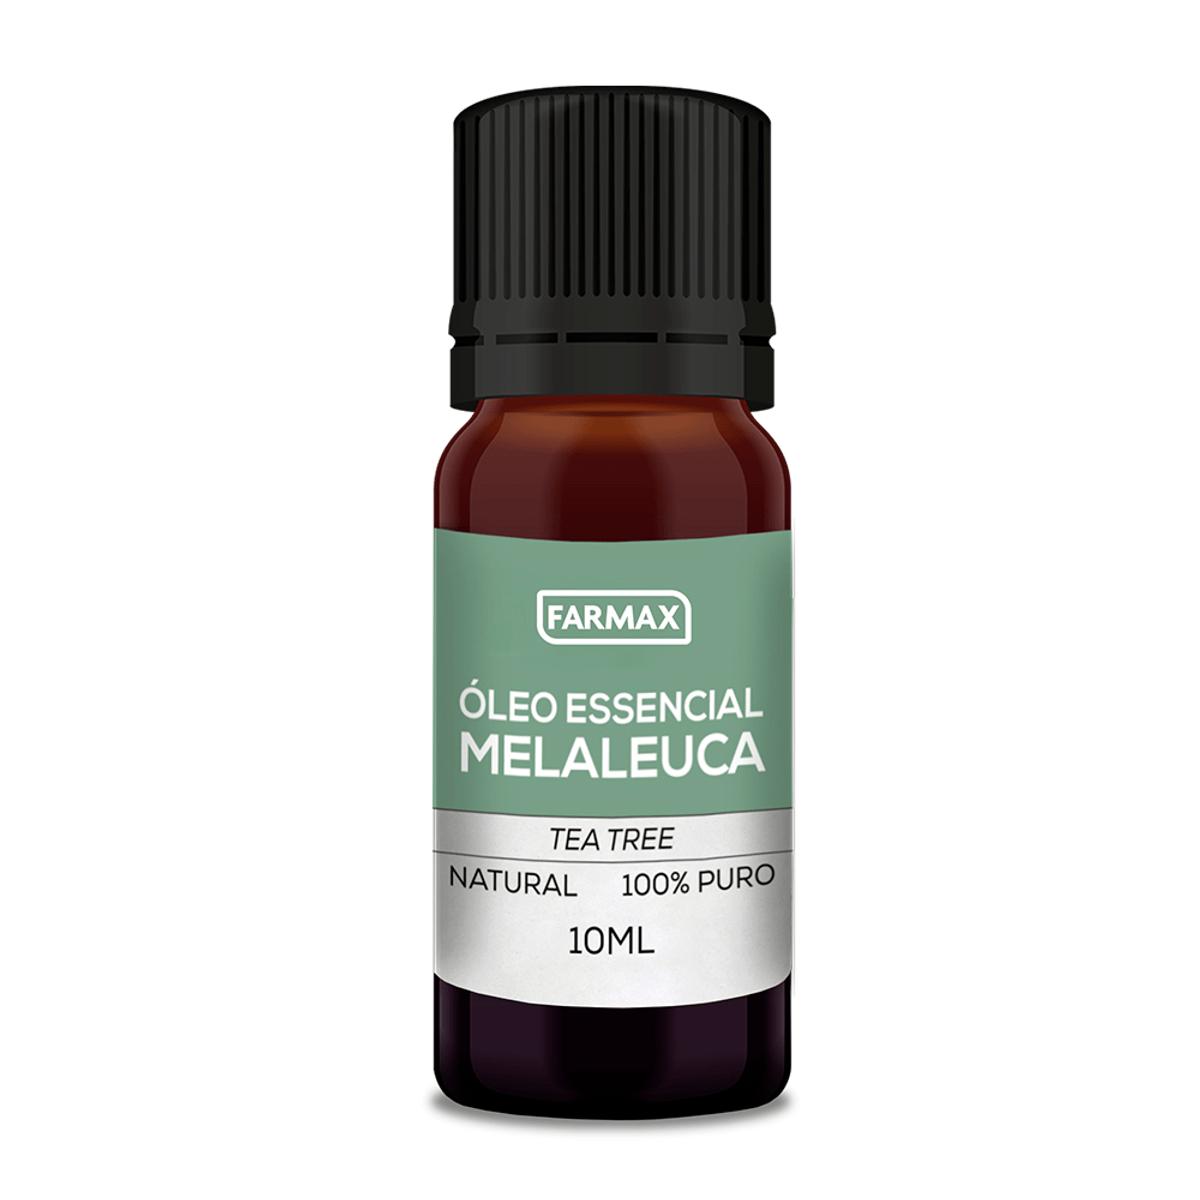 OLEO-ESSENCIAL-MELALEUCA-FARMAX-10ML